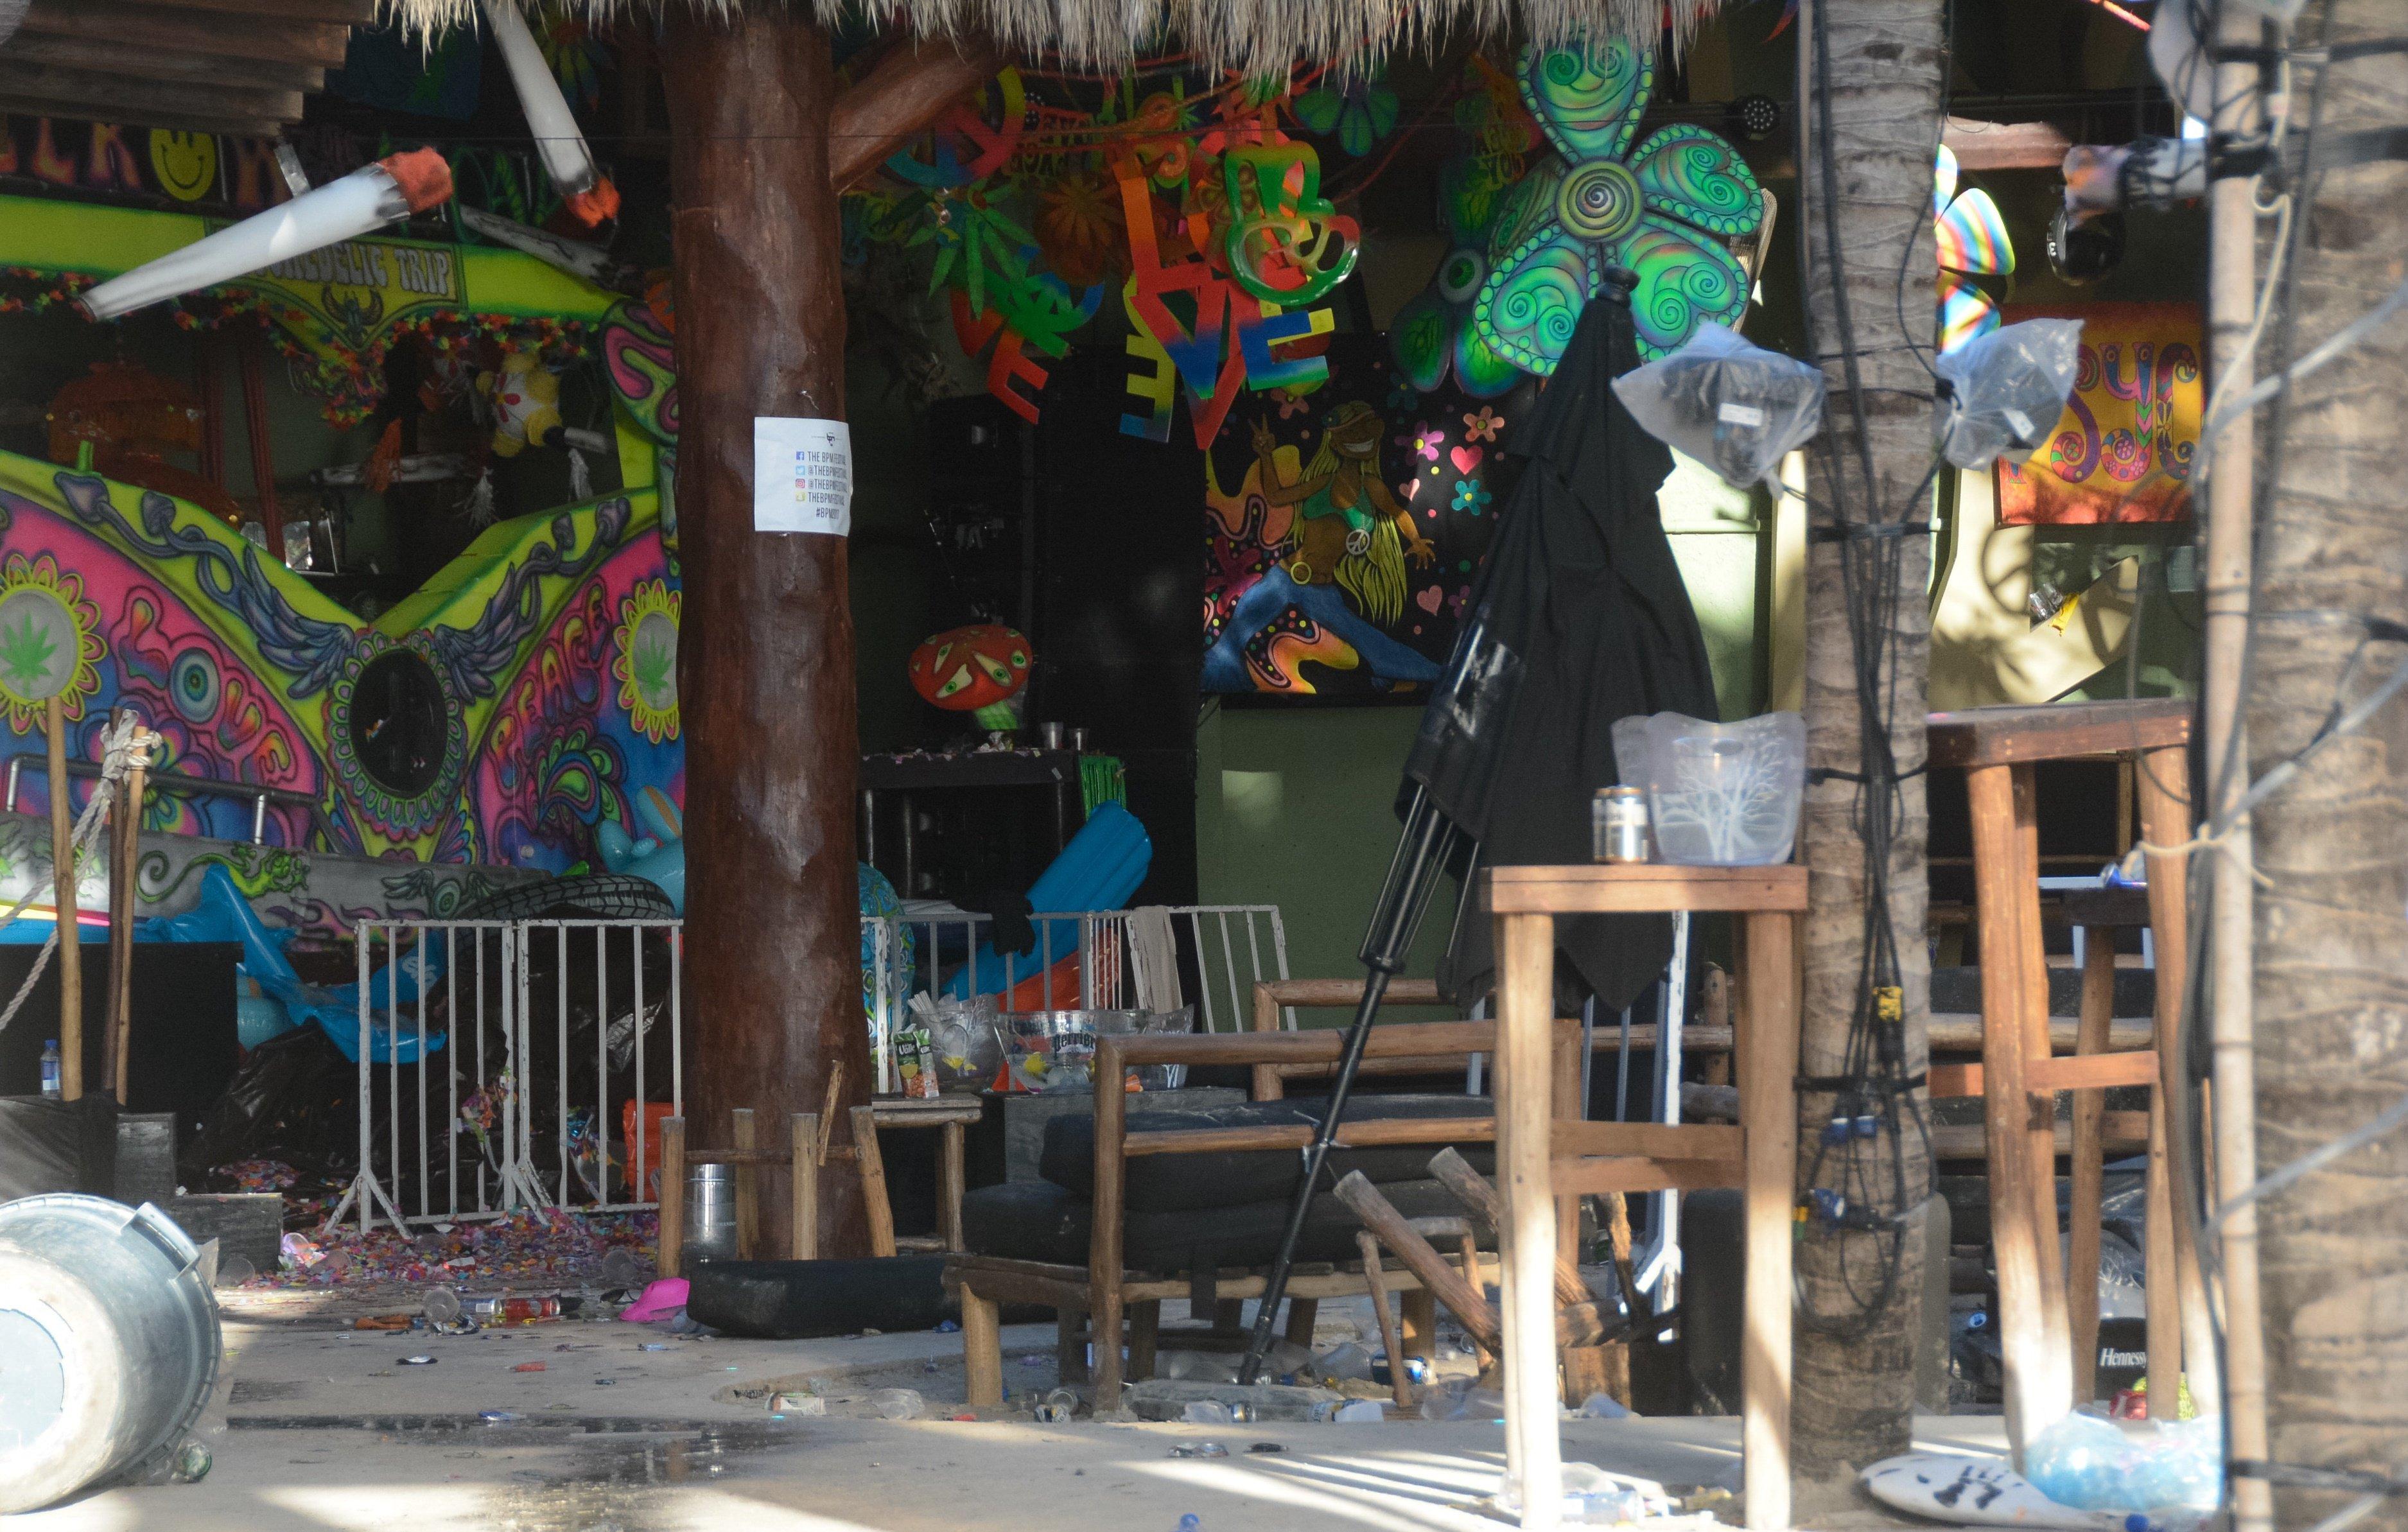 ВМексике нафестивале открыли стрельбу: есть убитые ираненые